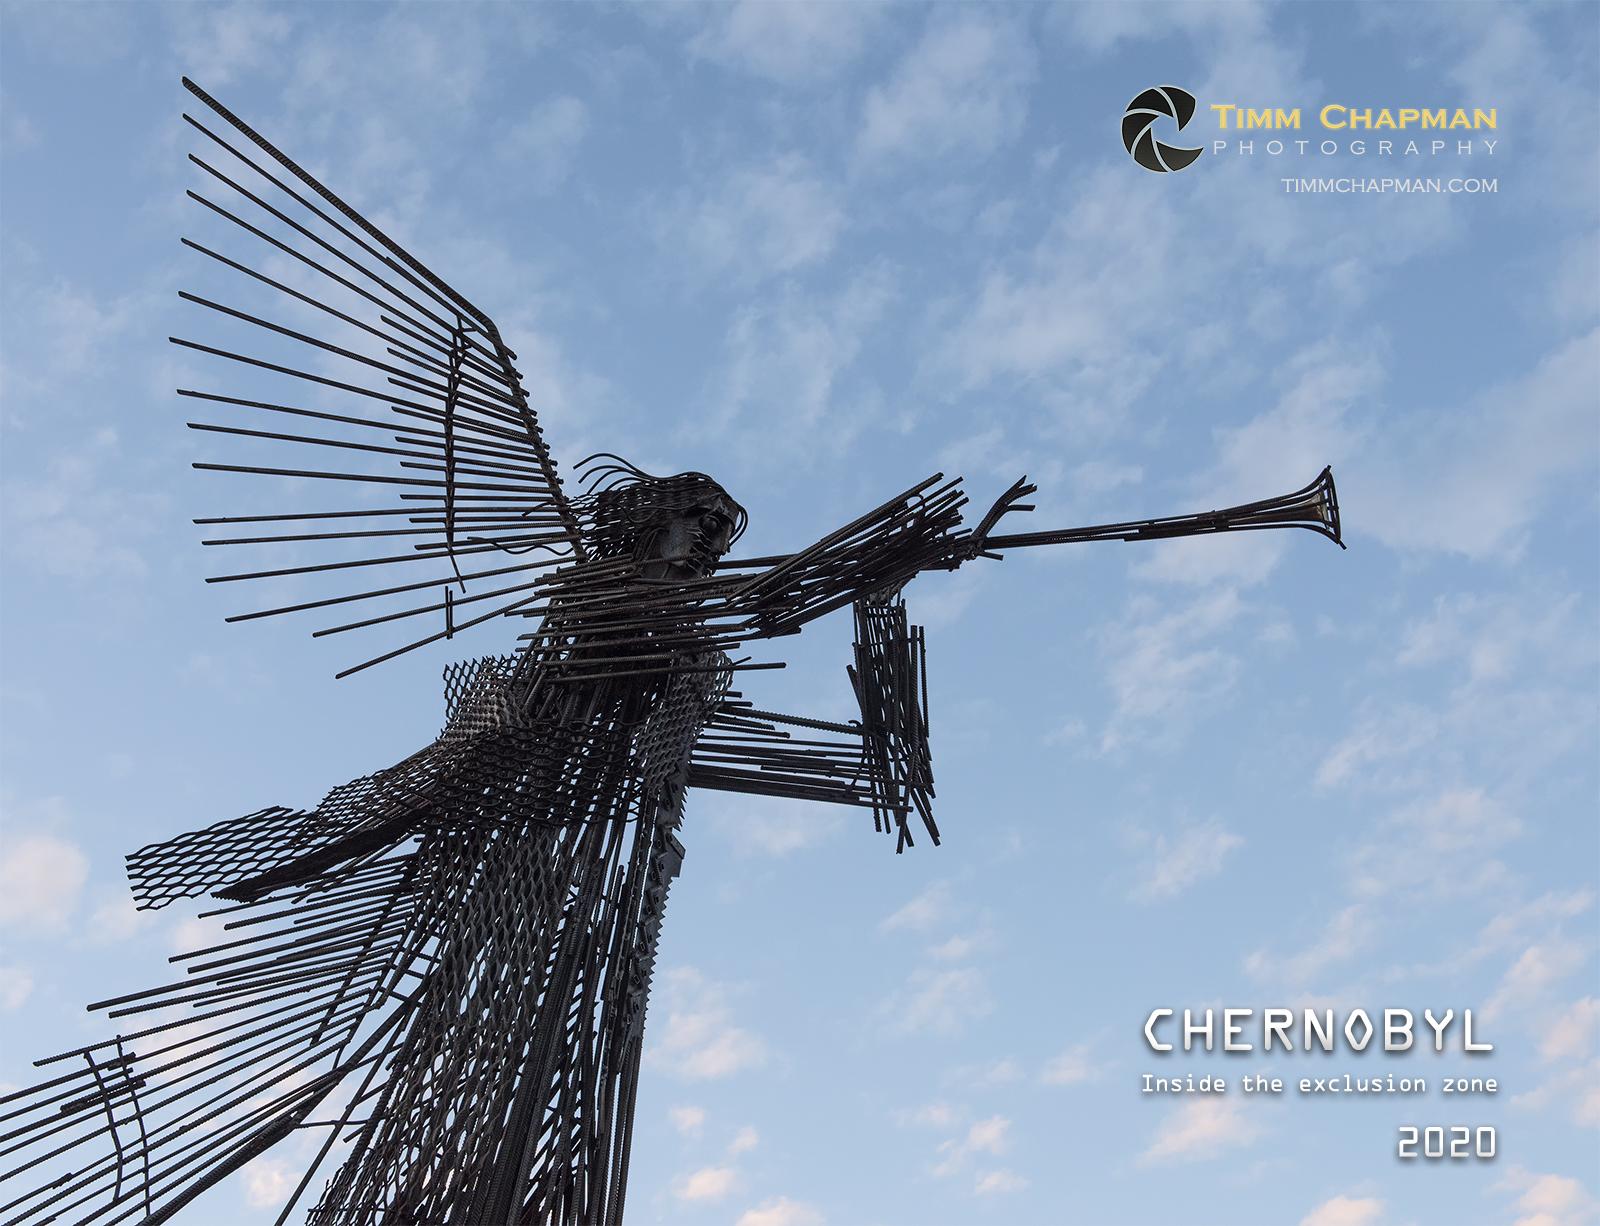 chernobyl calendar, chornobyl calendar, abandoned places calendar, pripyat calendar, chernobyl exclusion zone, urbex calendar, abandoned things calendar, apocalyptic calendar, 2020 chernobyl calendar,, photo